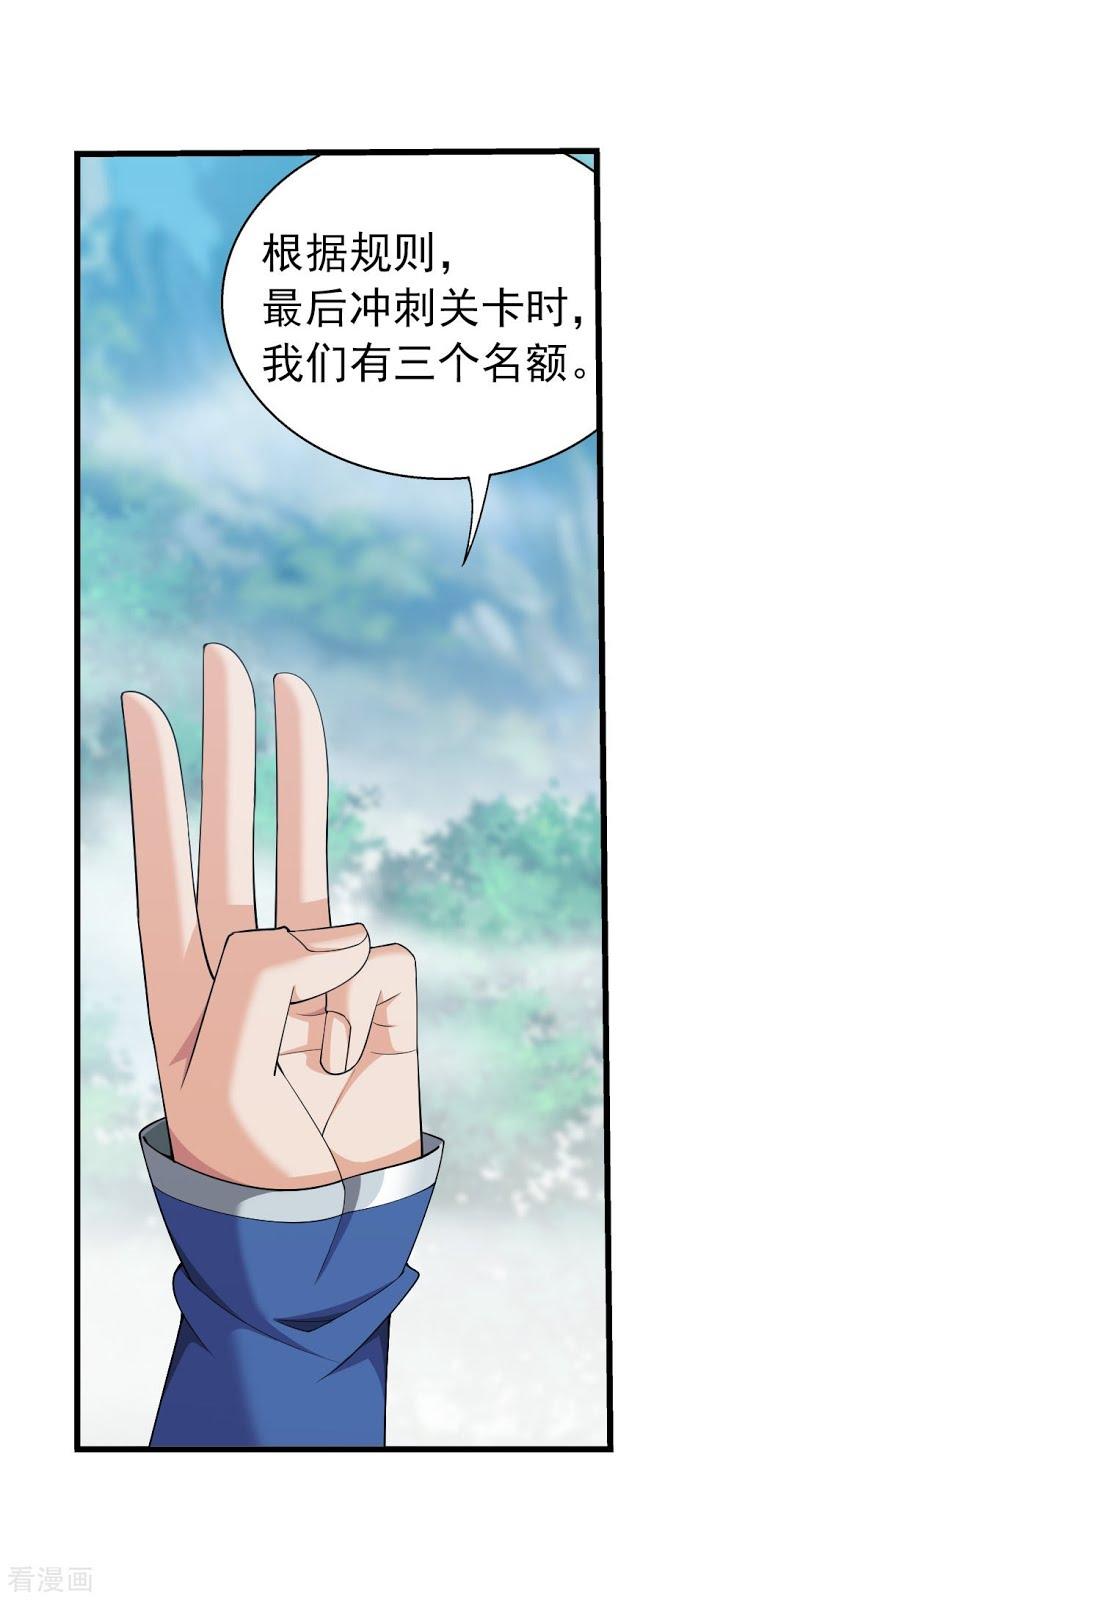 大主宰: 363話 決戰,天榜第三! - 第29页